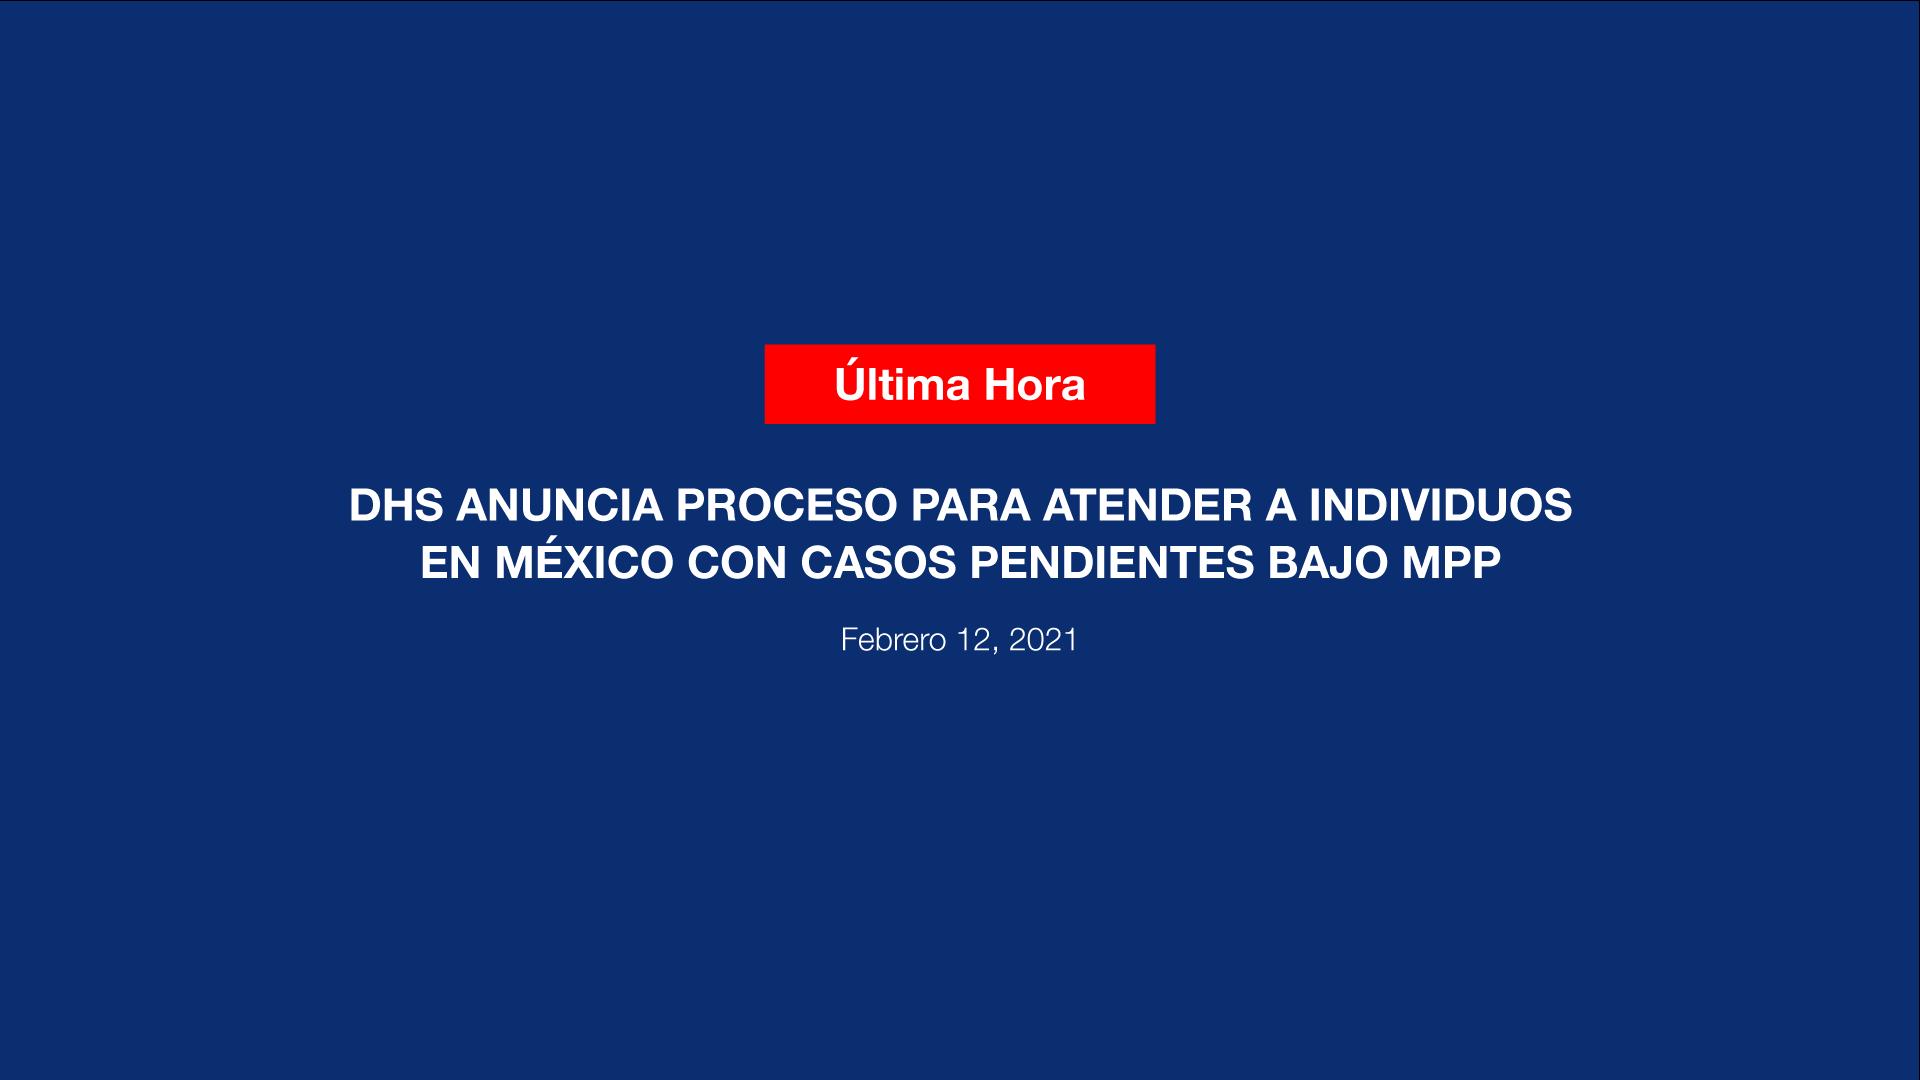 DHS-ANUNCIA-PROCESO-PARA-ATENDER-A-INDIVIDUOS-EN-MEXICO-CON-CASOS-PENDIENTES-BAJO-MPP-ABOGADA-DE-INMIGRACION-ALMA-ROSA-NIETO-1